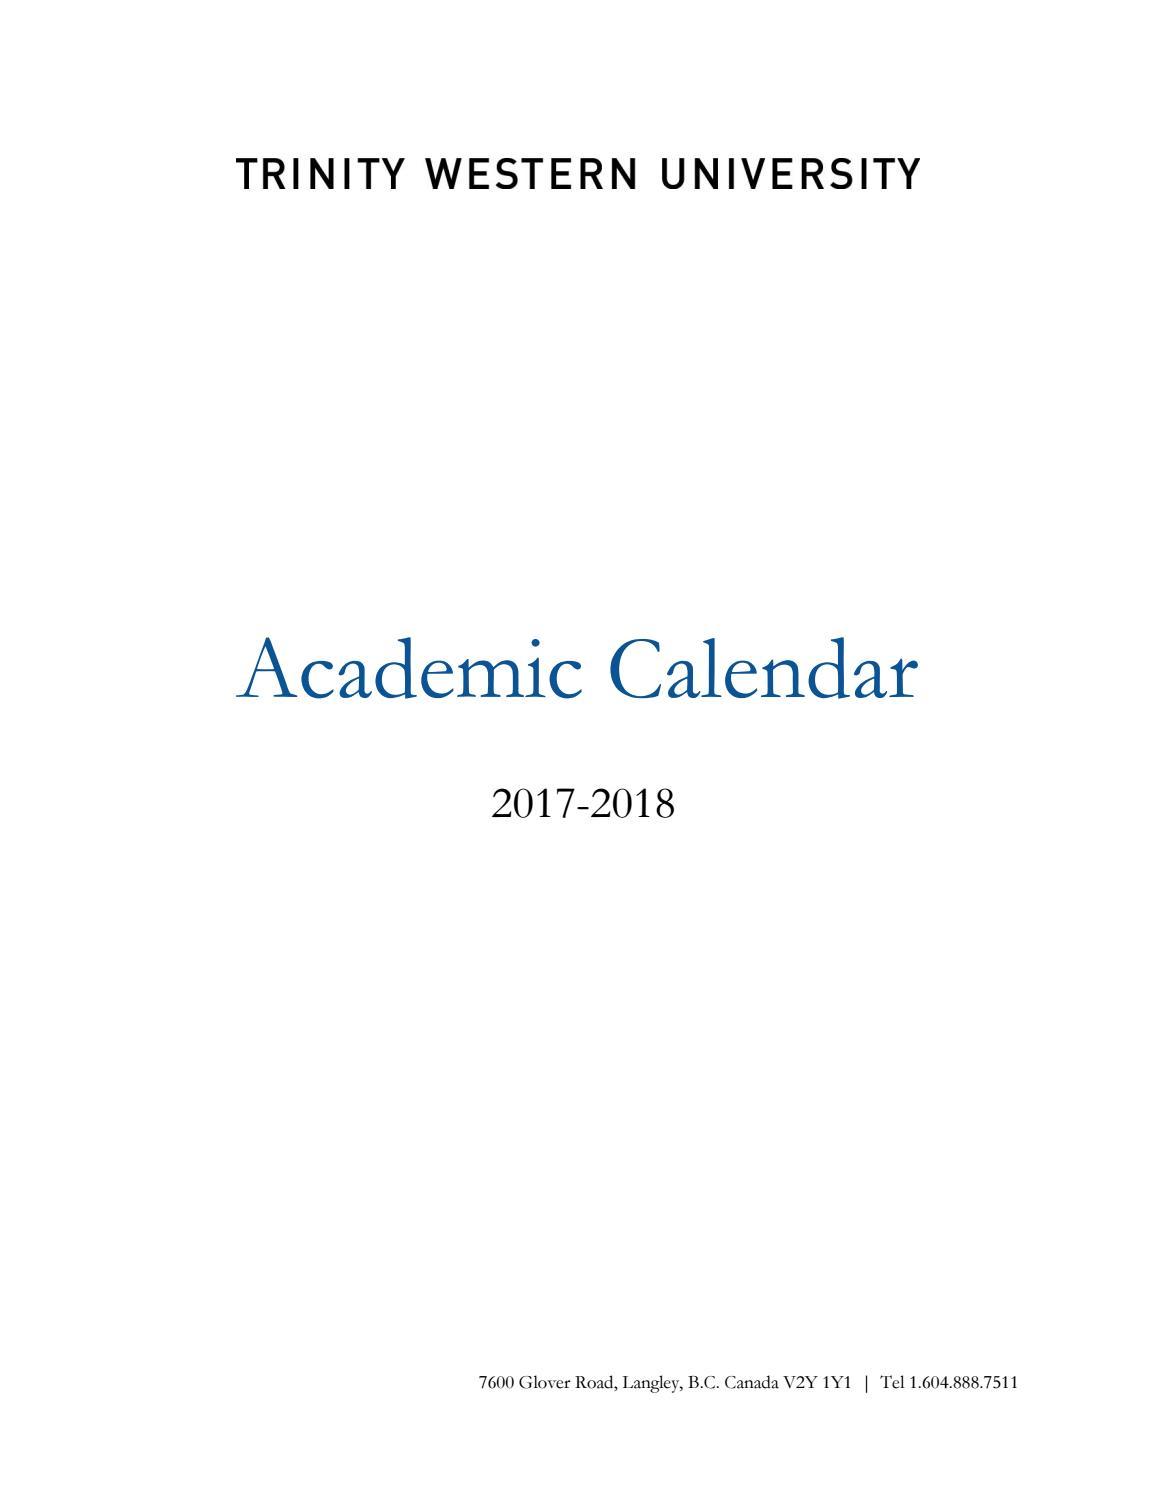 TWU 2017-2018 Academic Calendar by Trinity Western University - issuu